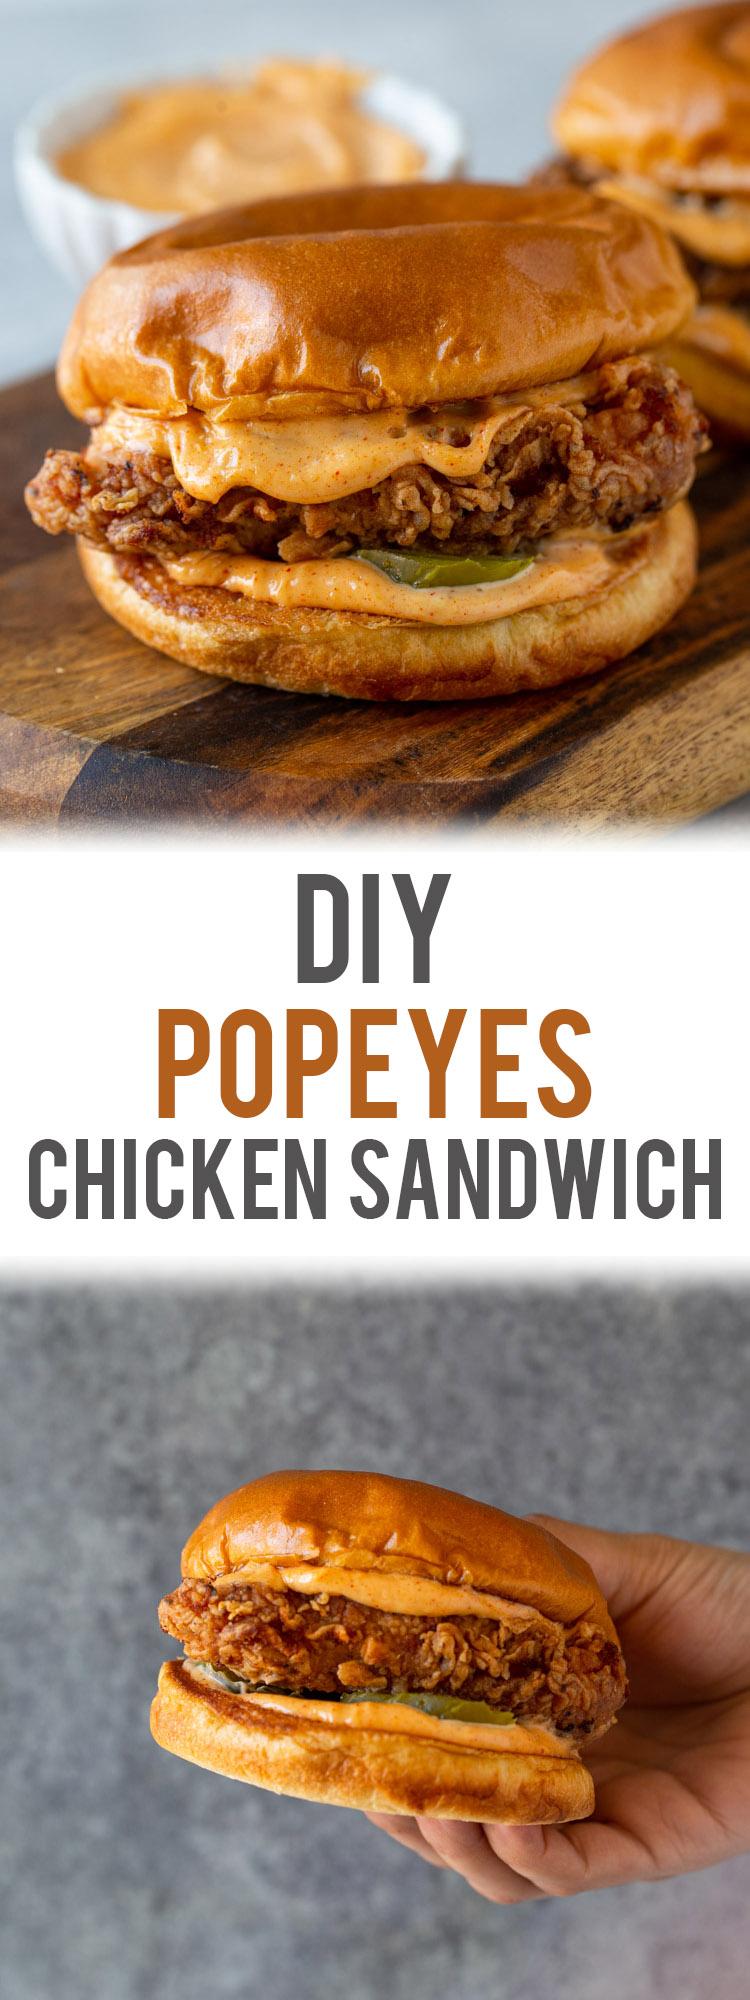 DIY Popeyes Buttermilk Fried Chicken Sandwich